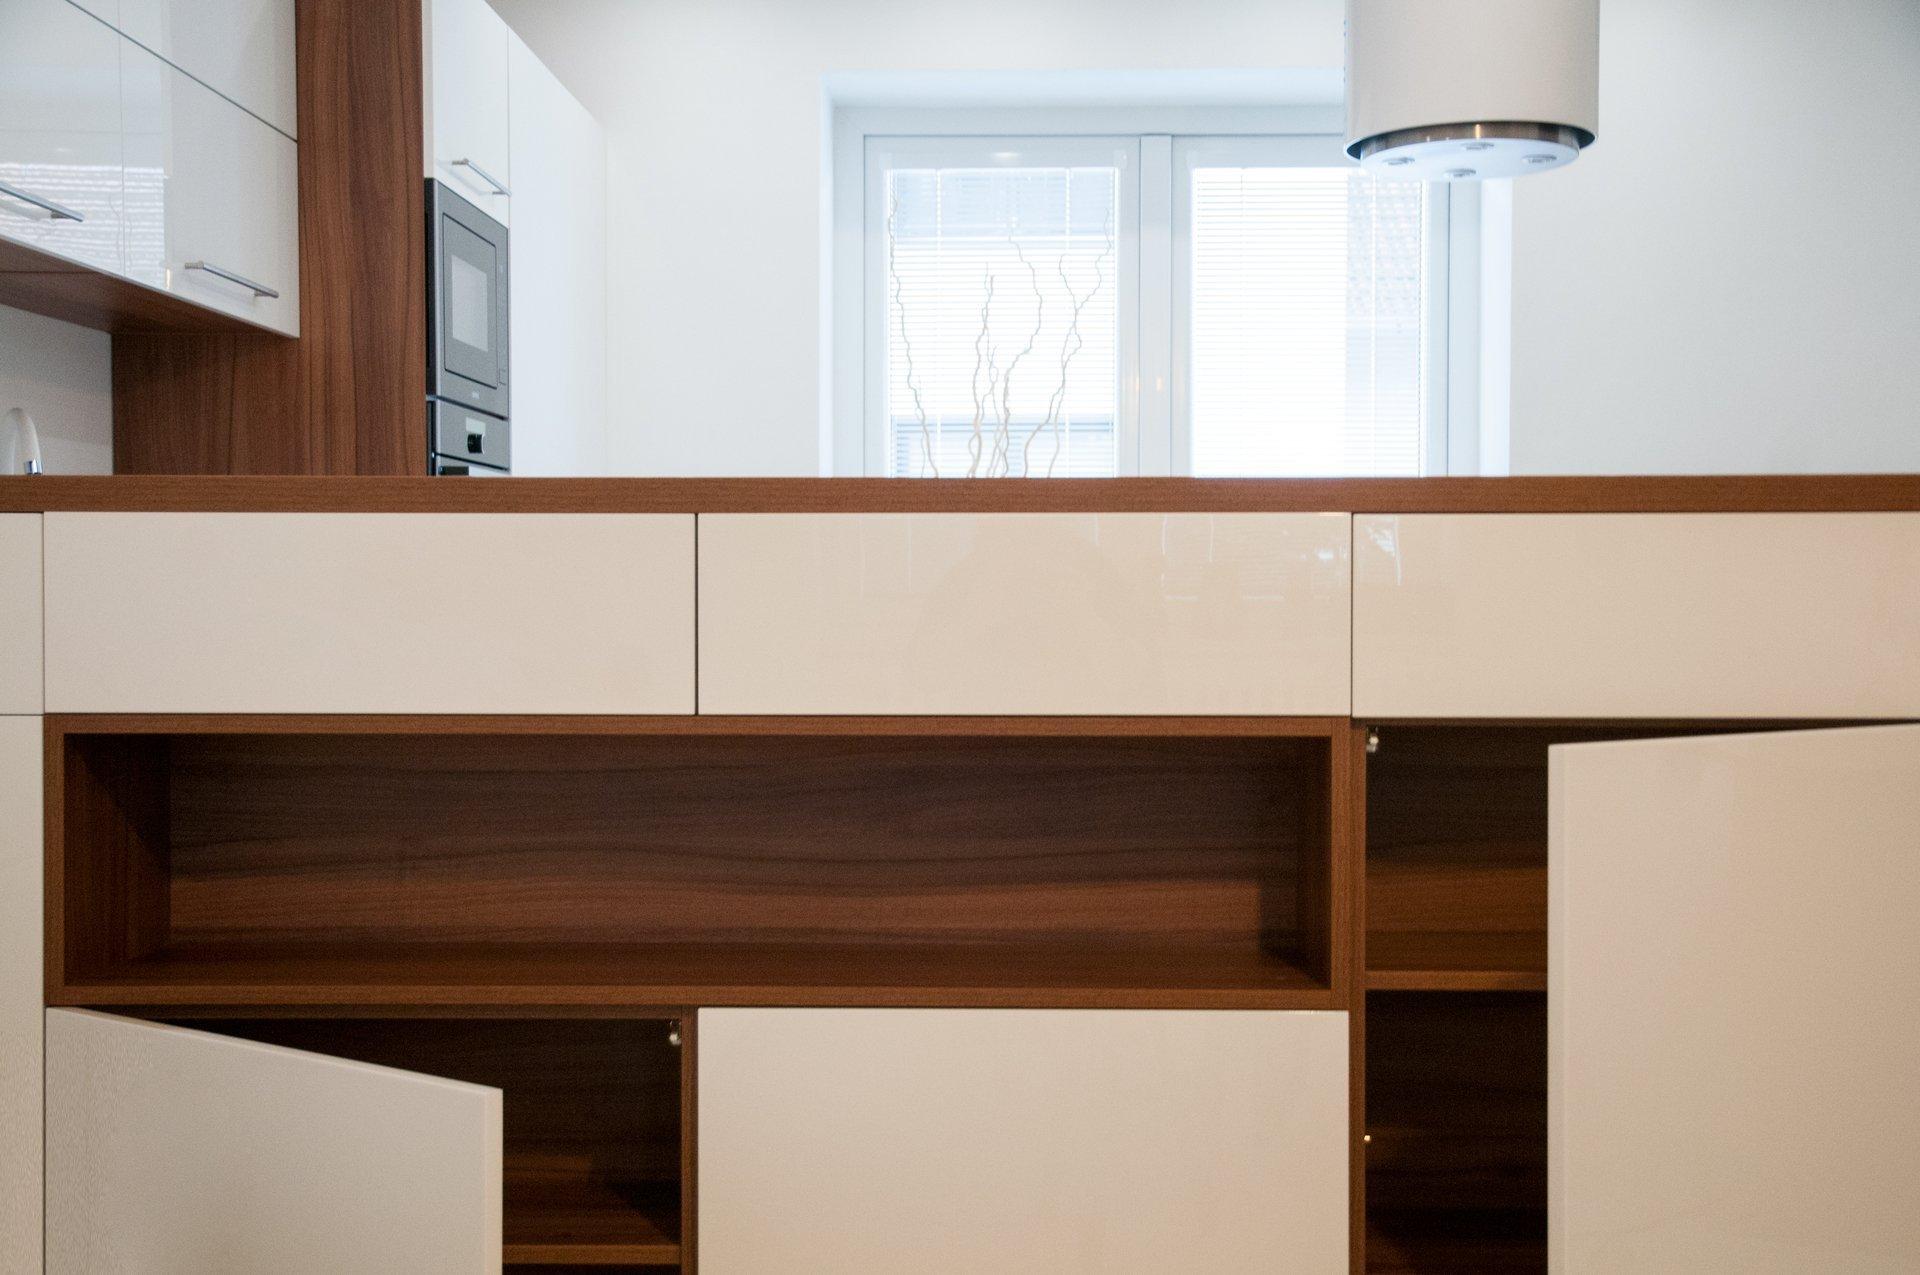 Při přestavbě rodinného domu byla stržena stěna dělící obývací část od kuchyně. Vznikla tak jedinečná prostorná místnost, která je elegantě oddělená barovým…